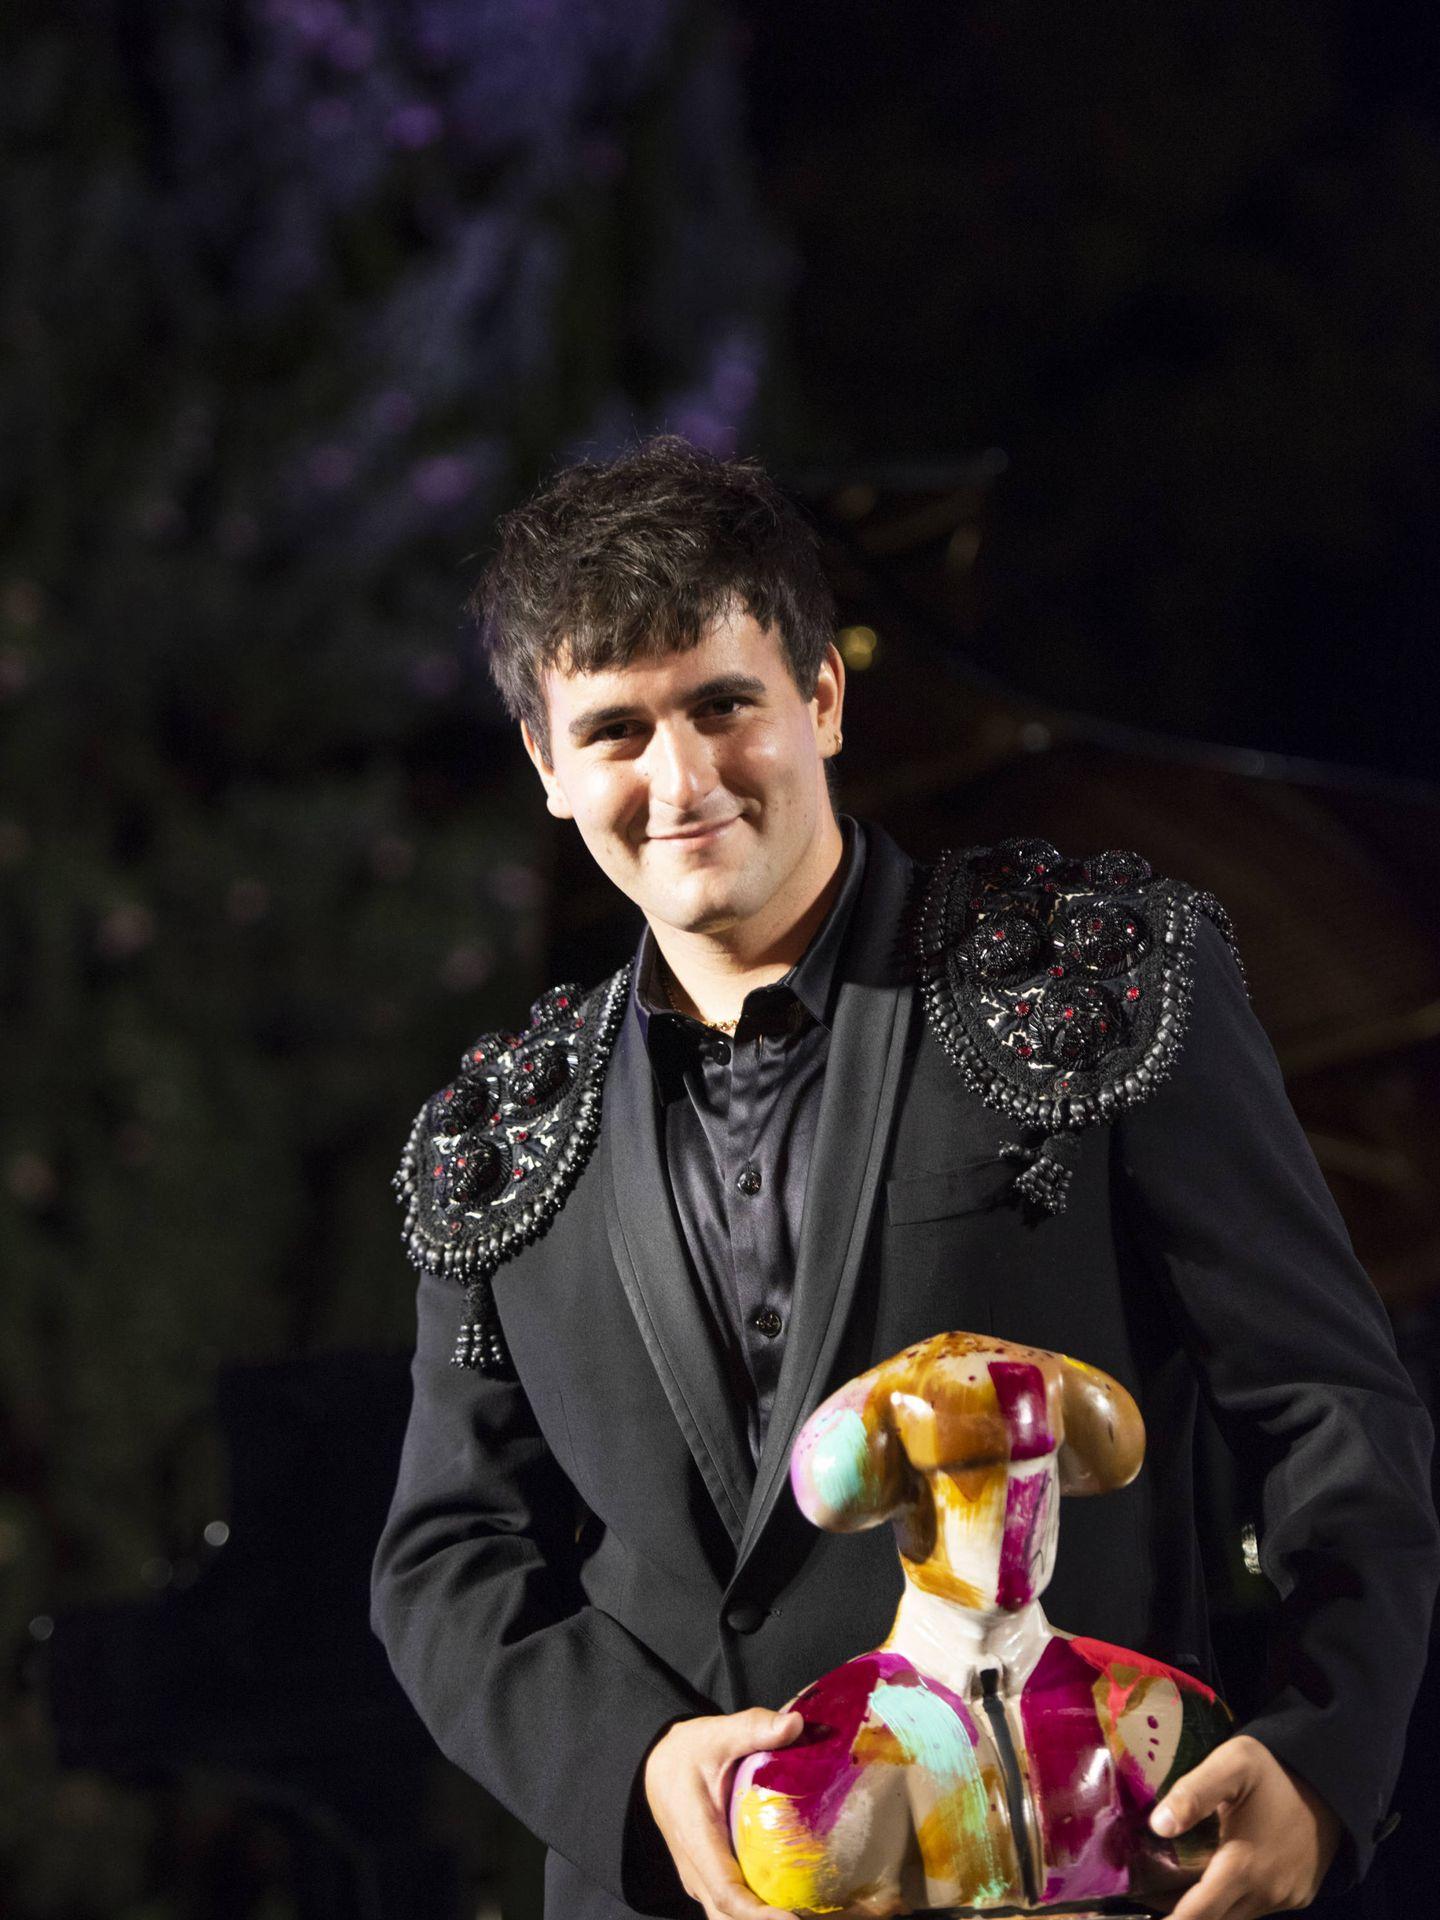 Palomo Spain, recibiendo uno de los premios. (Cortesía)